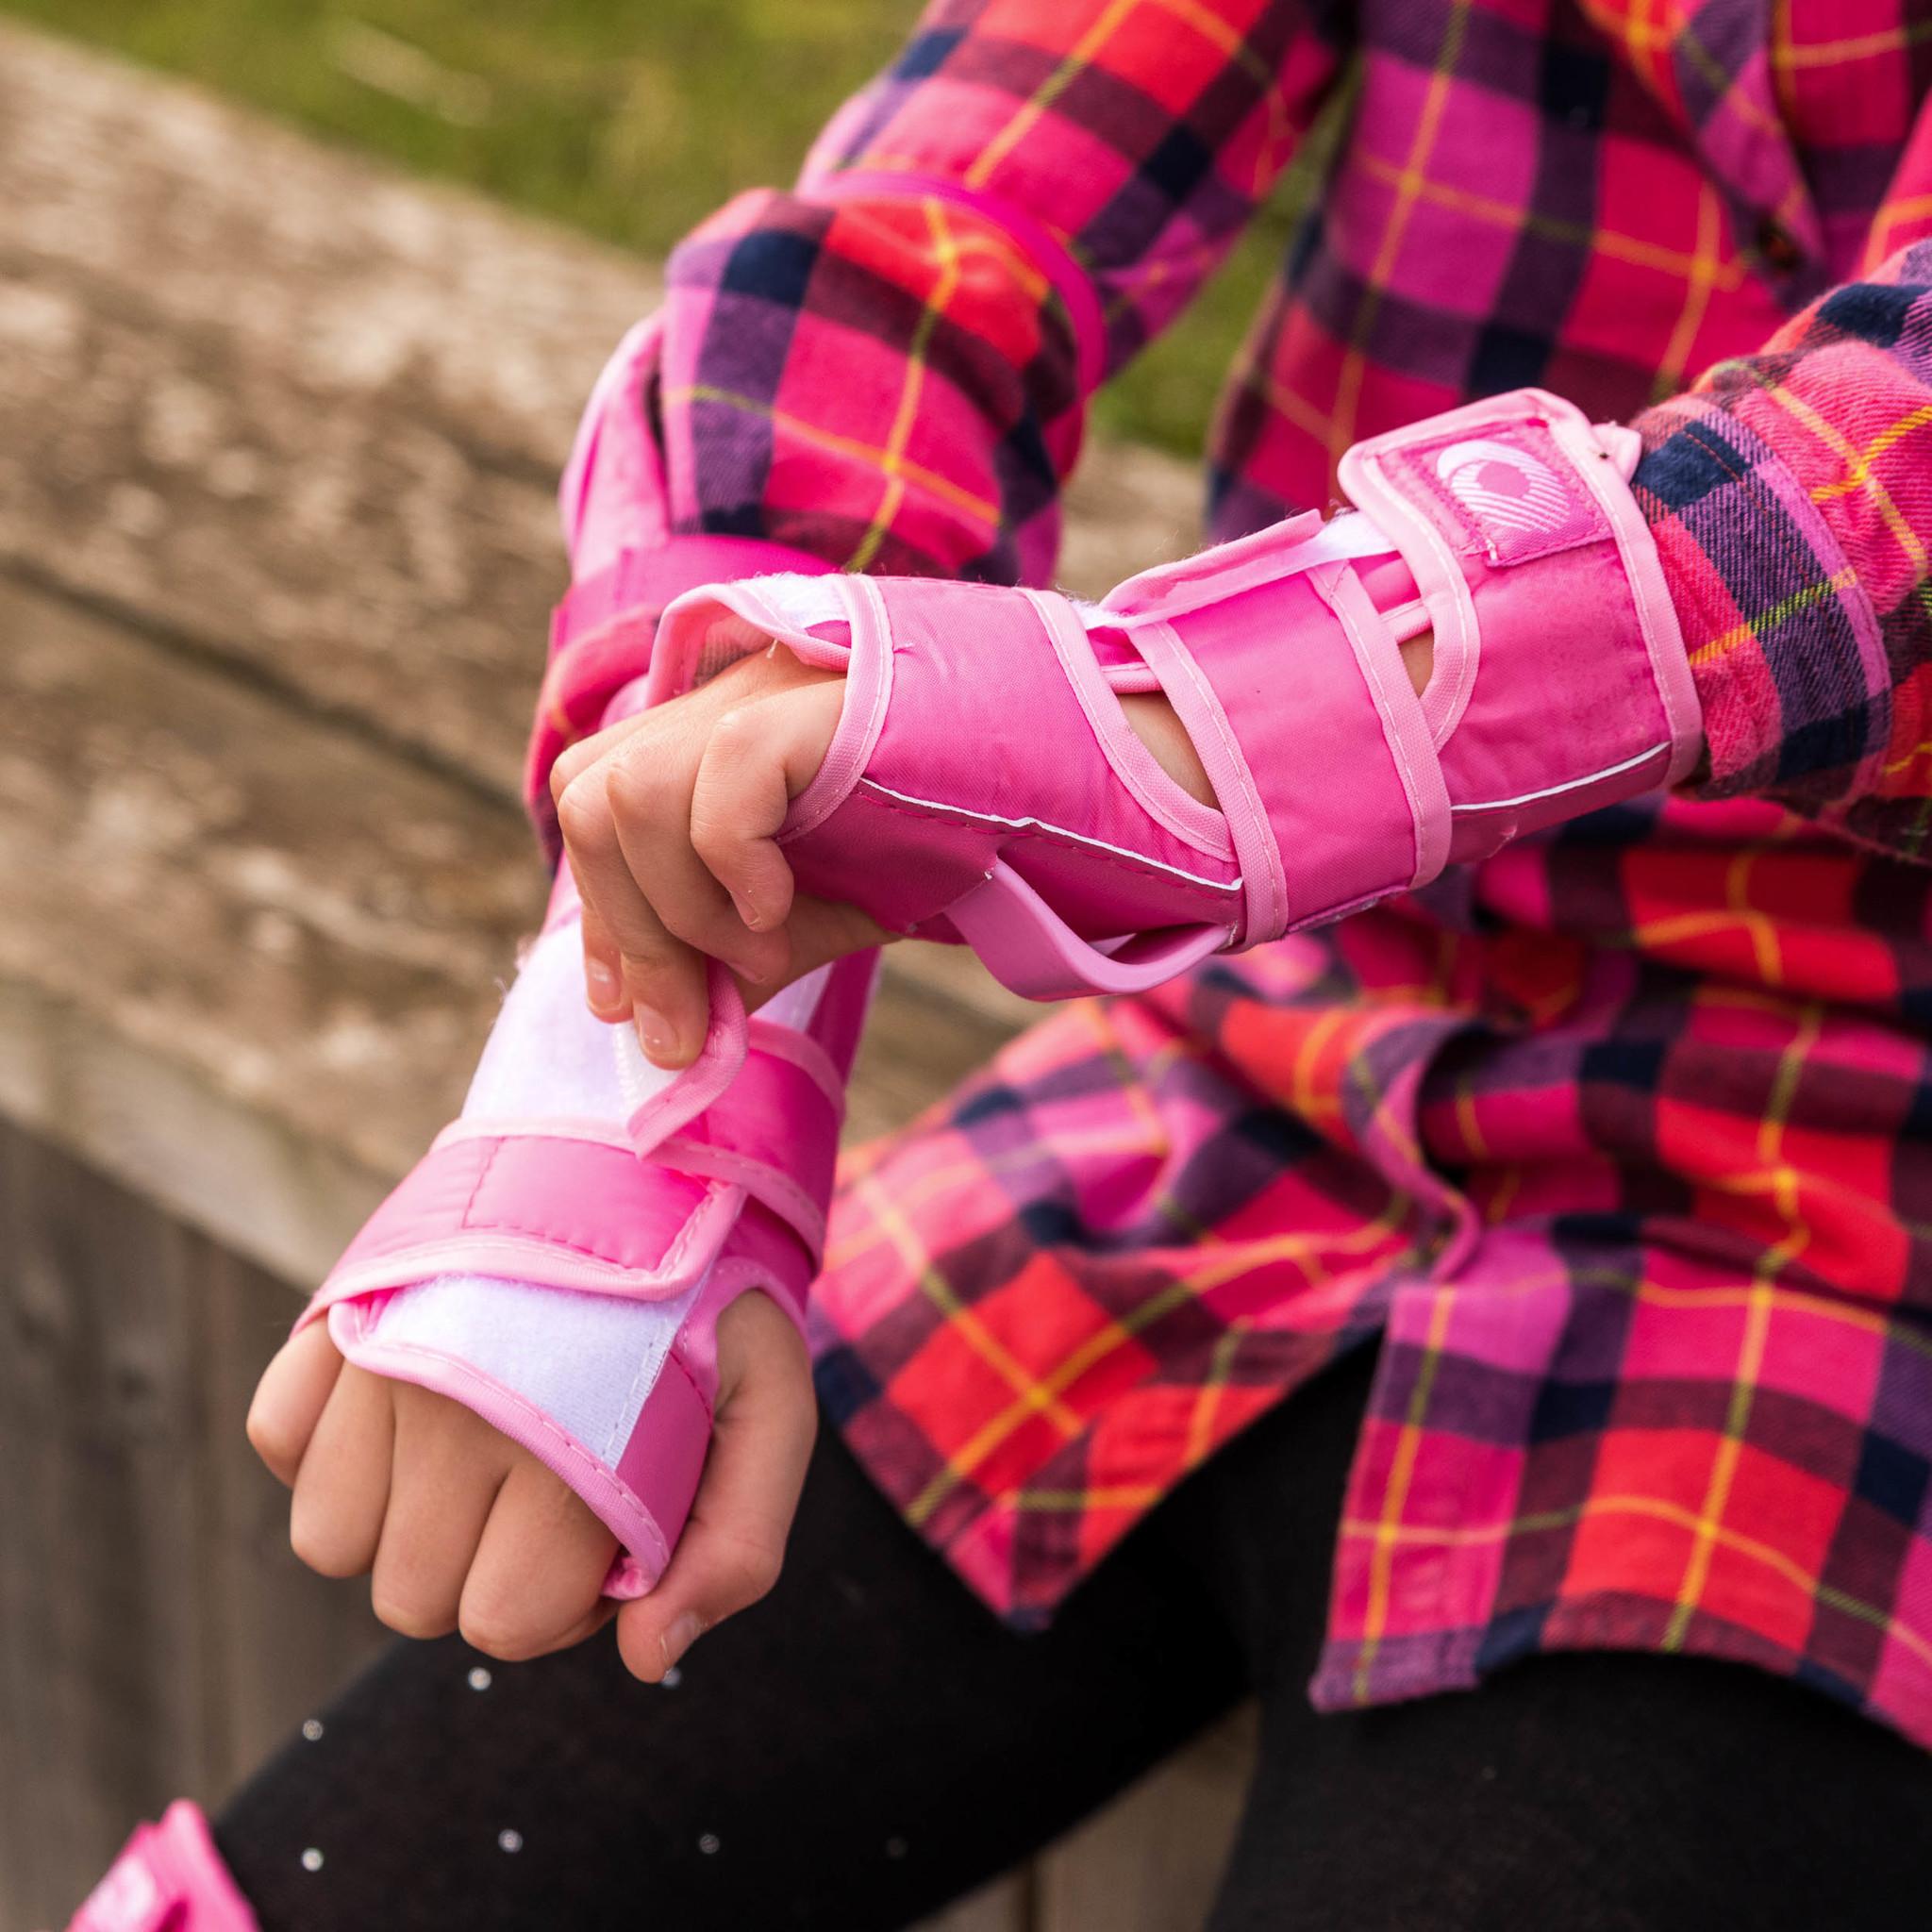 Комплект защиты Osprey. Розовый